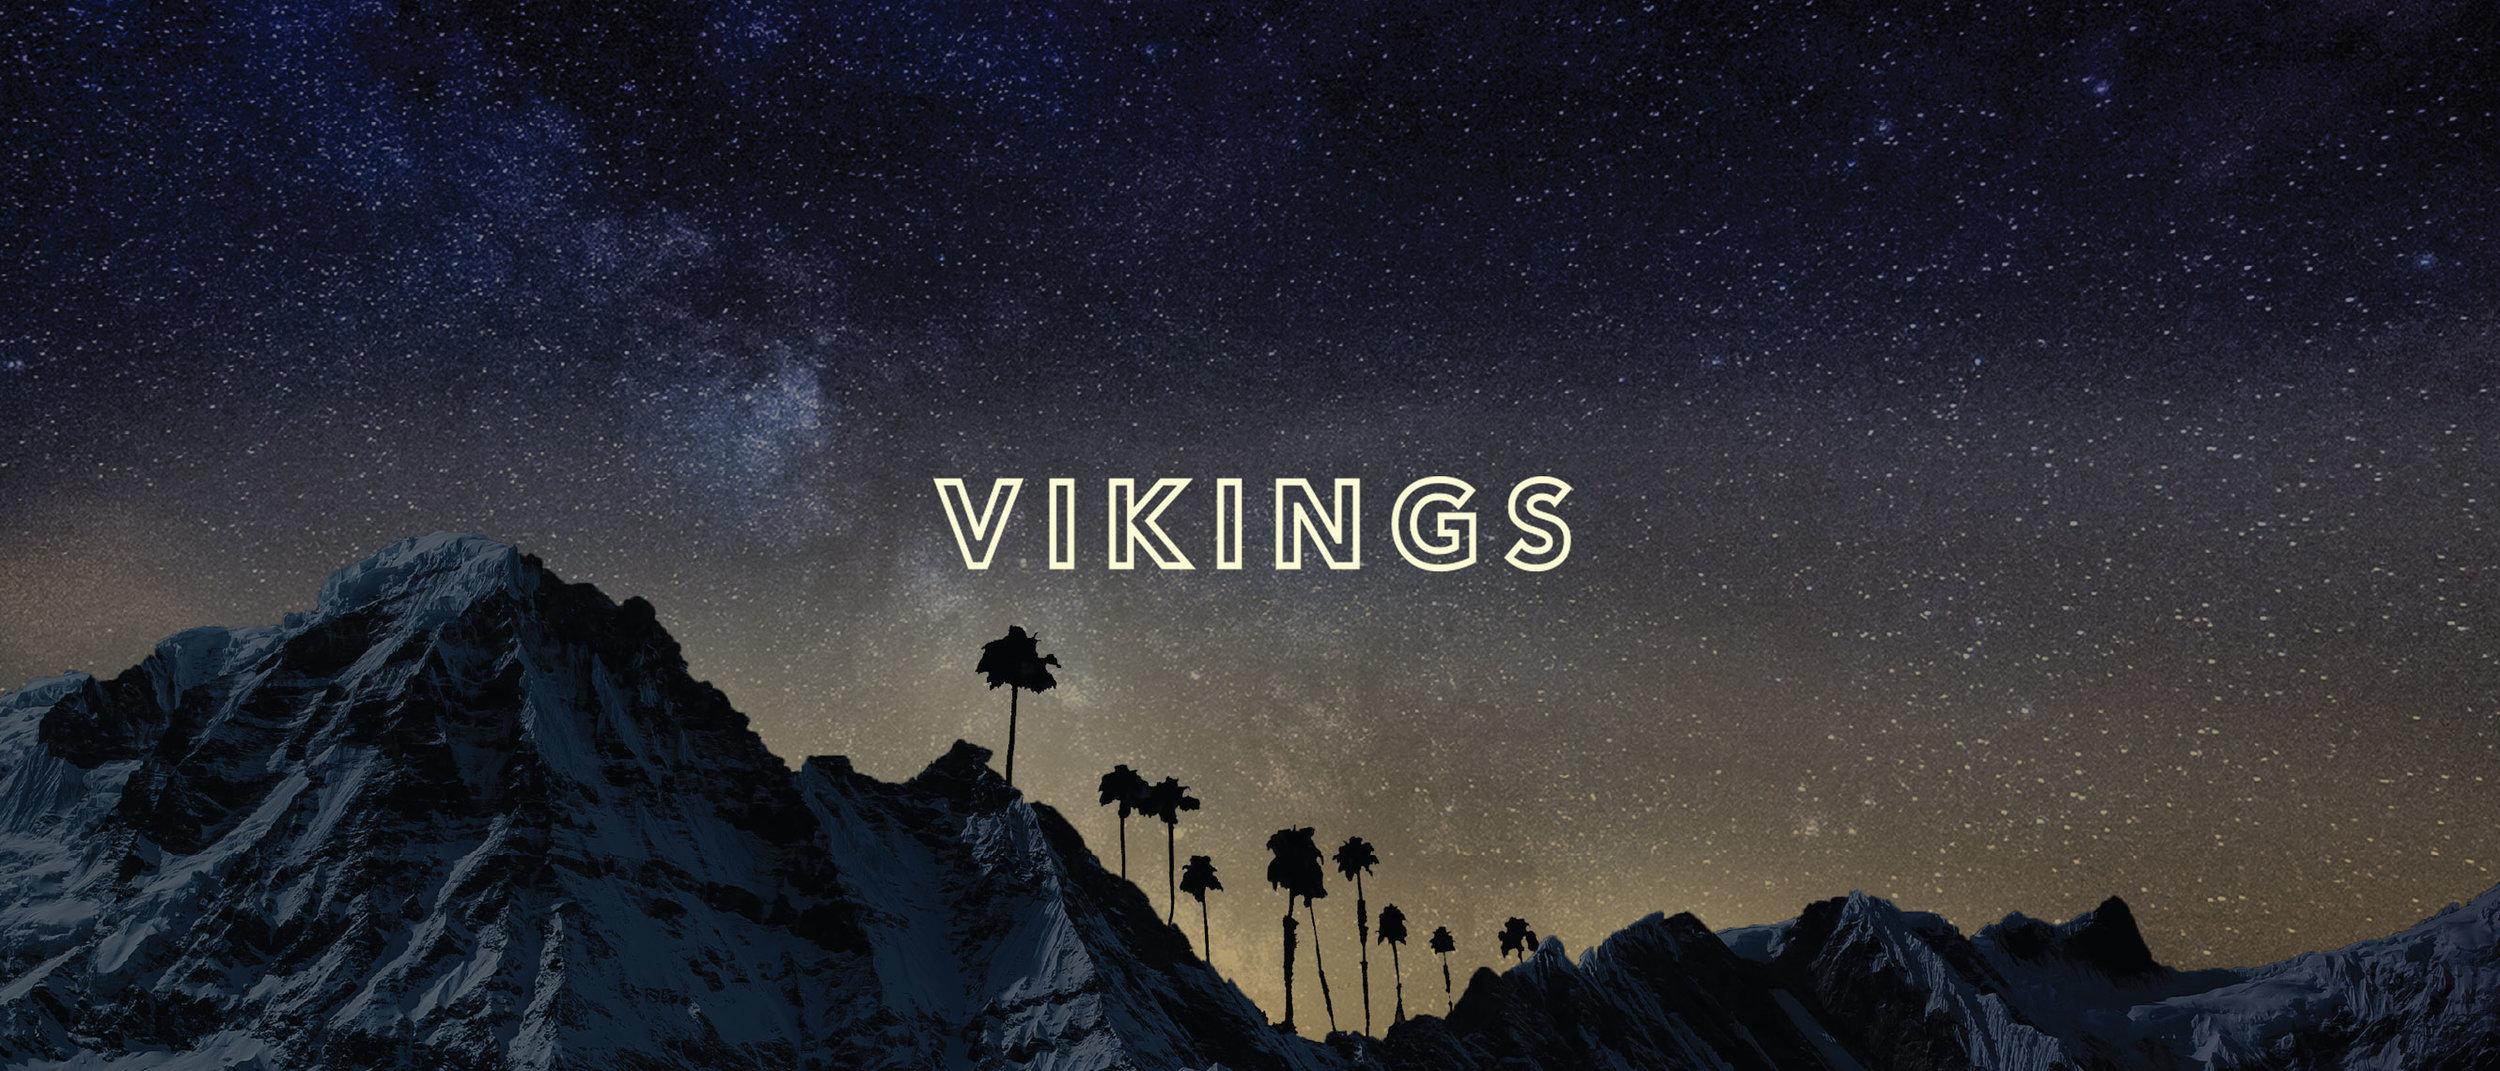 Vikings-Banner1.jpg